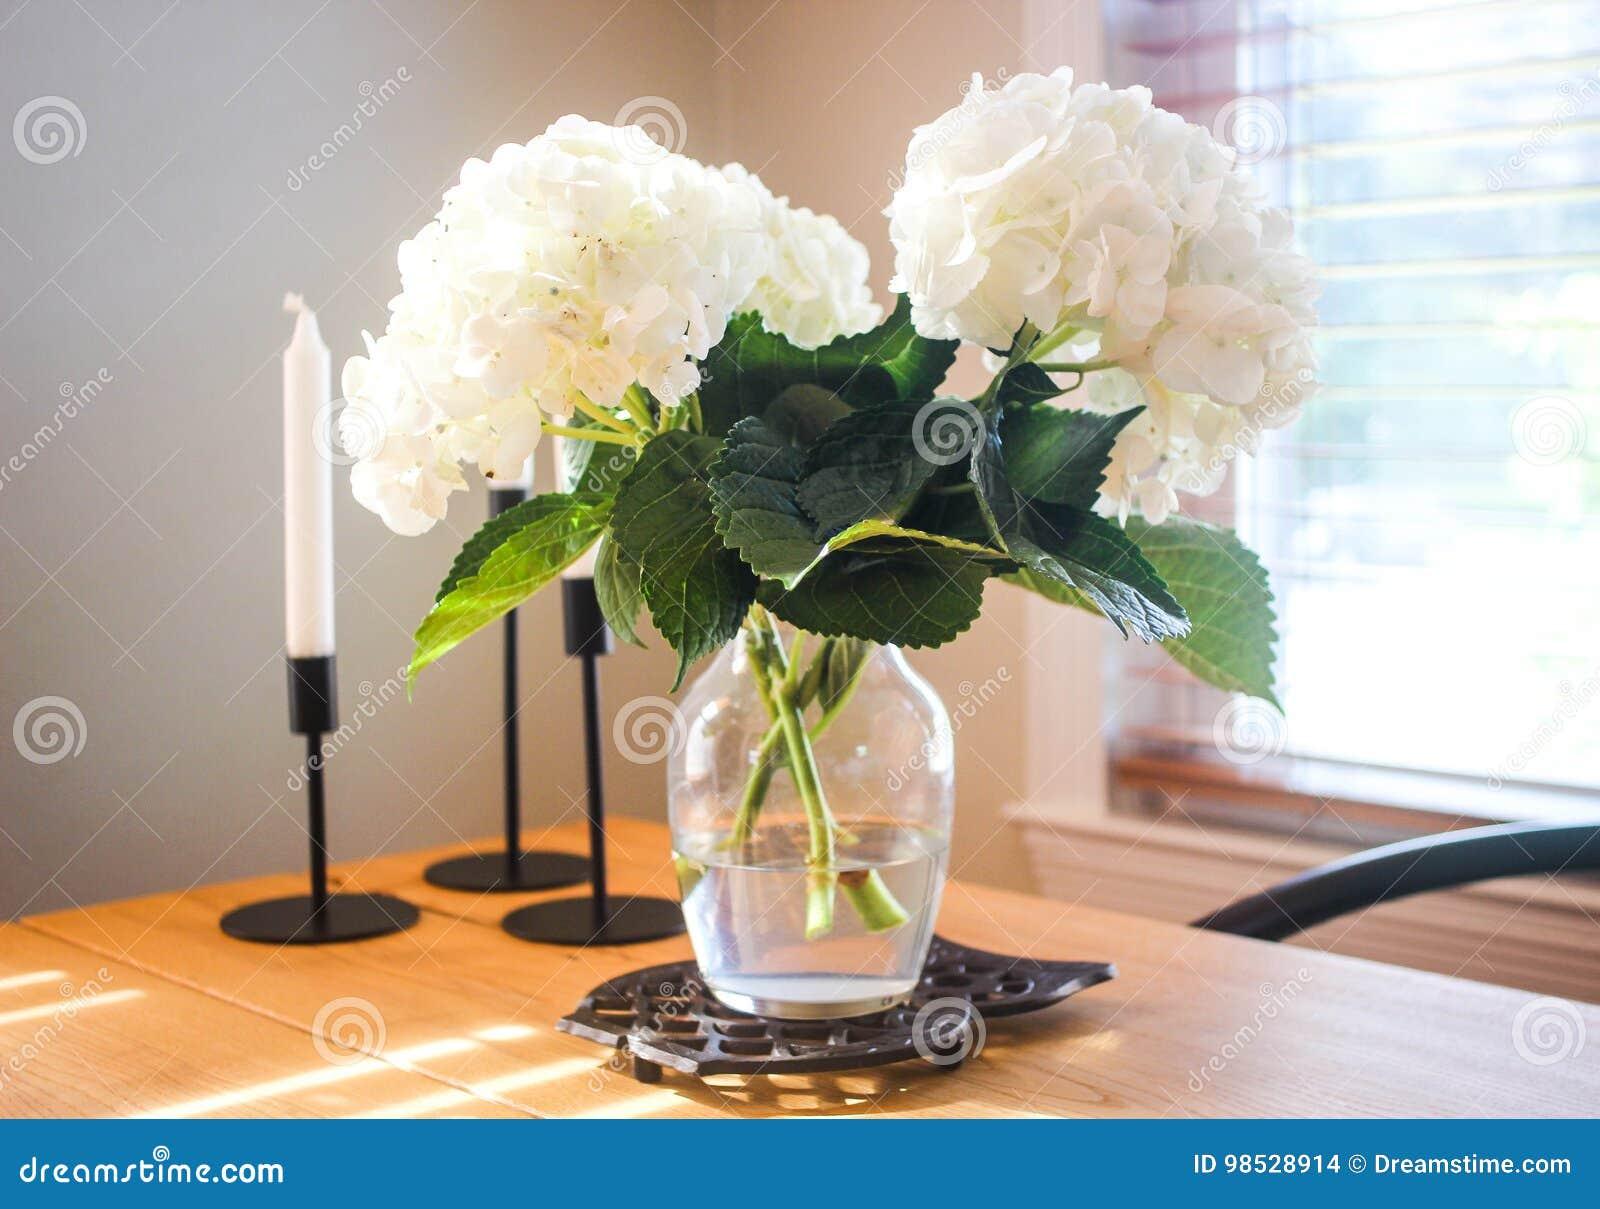 hydrangeas im vase stockfoto bild von ausgew hlt garten 98528914. Black Bedroom Furniture Sets. Home Design Ideas